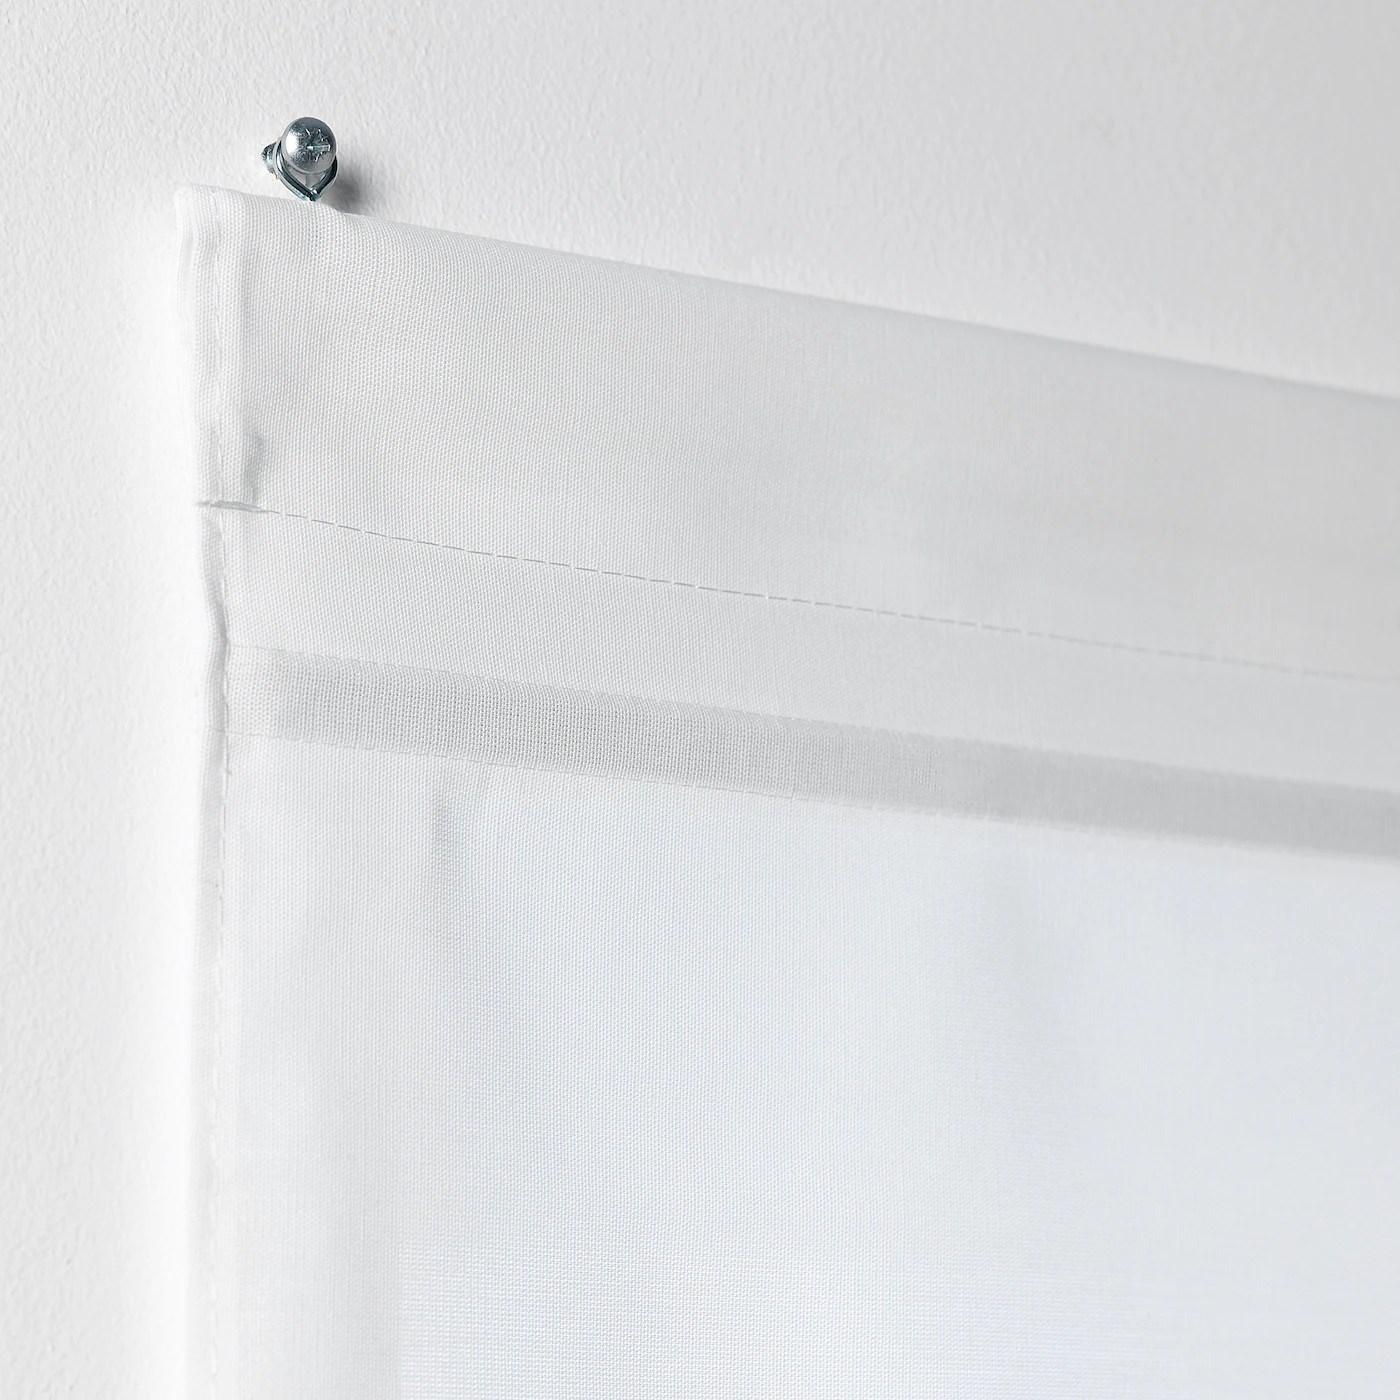 Ringblomma tenda a pacchetto, bianco, 100x160 cm la soluzione ideale per salvaguardare la tua privacy o evitare fastidiosi riflessi sulla tv e sullo schermo. Ringblomma Tenda A Pacchetto Bianco 100x160 Cm Ikea It